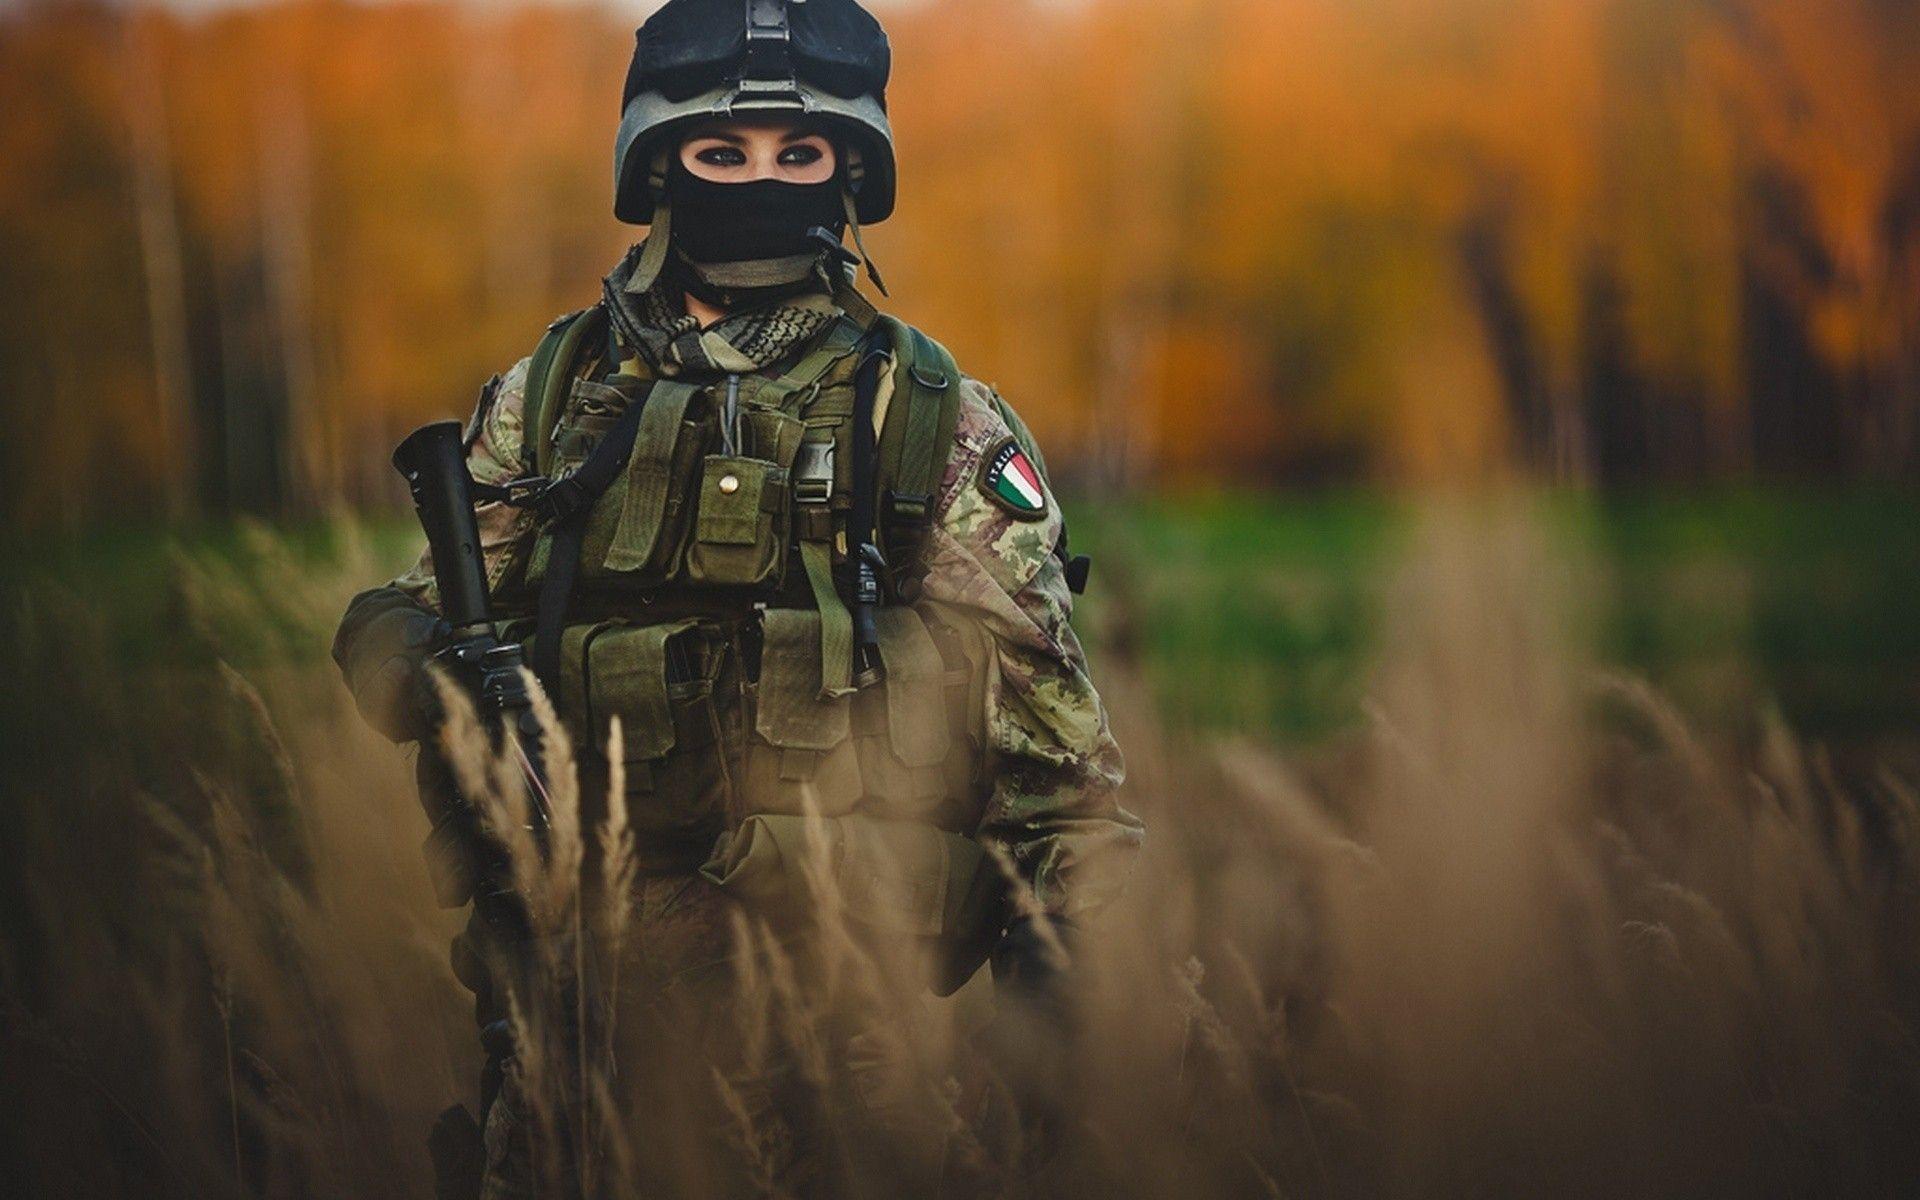 игрушка популярна картинки на телефон армейские все согласны сценарием